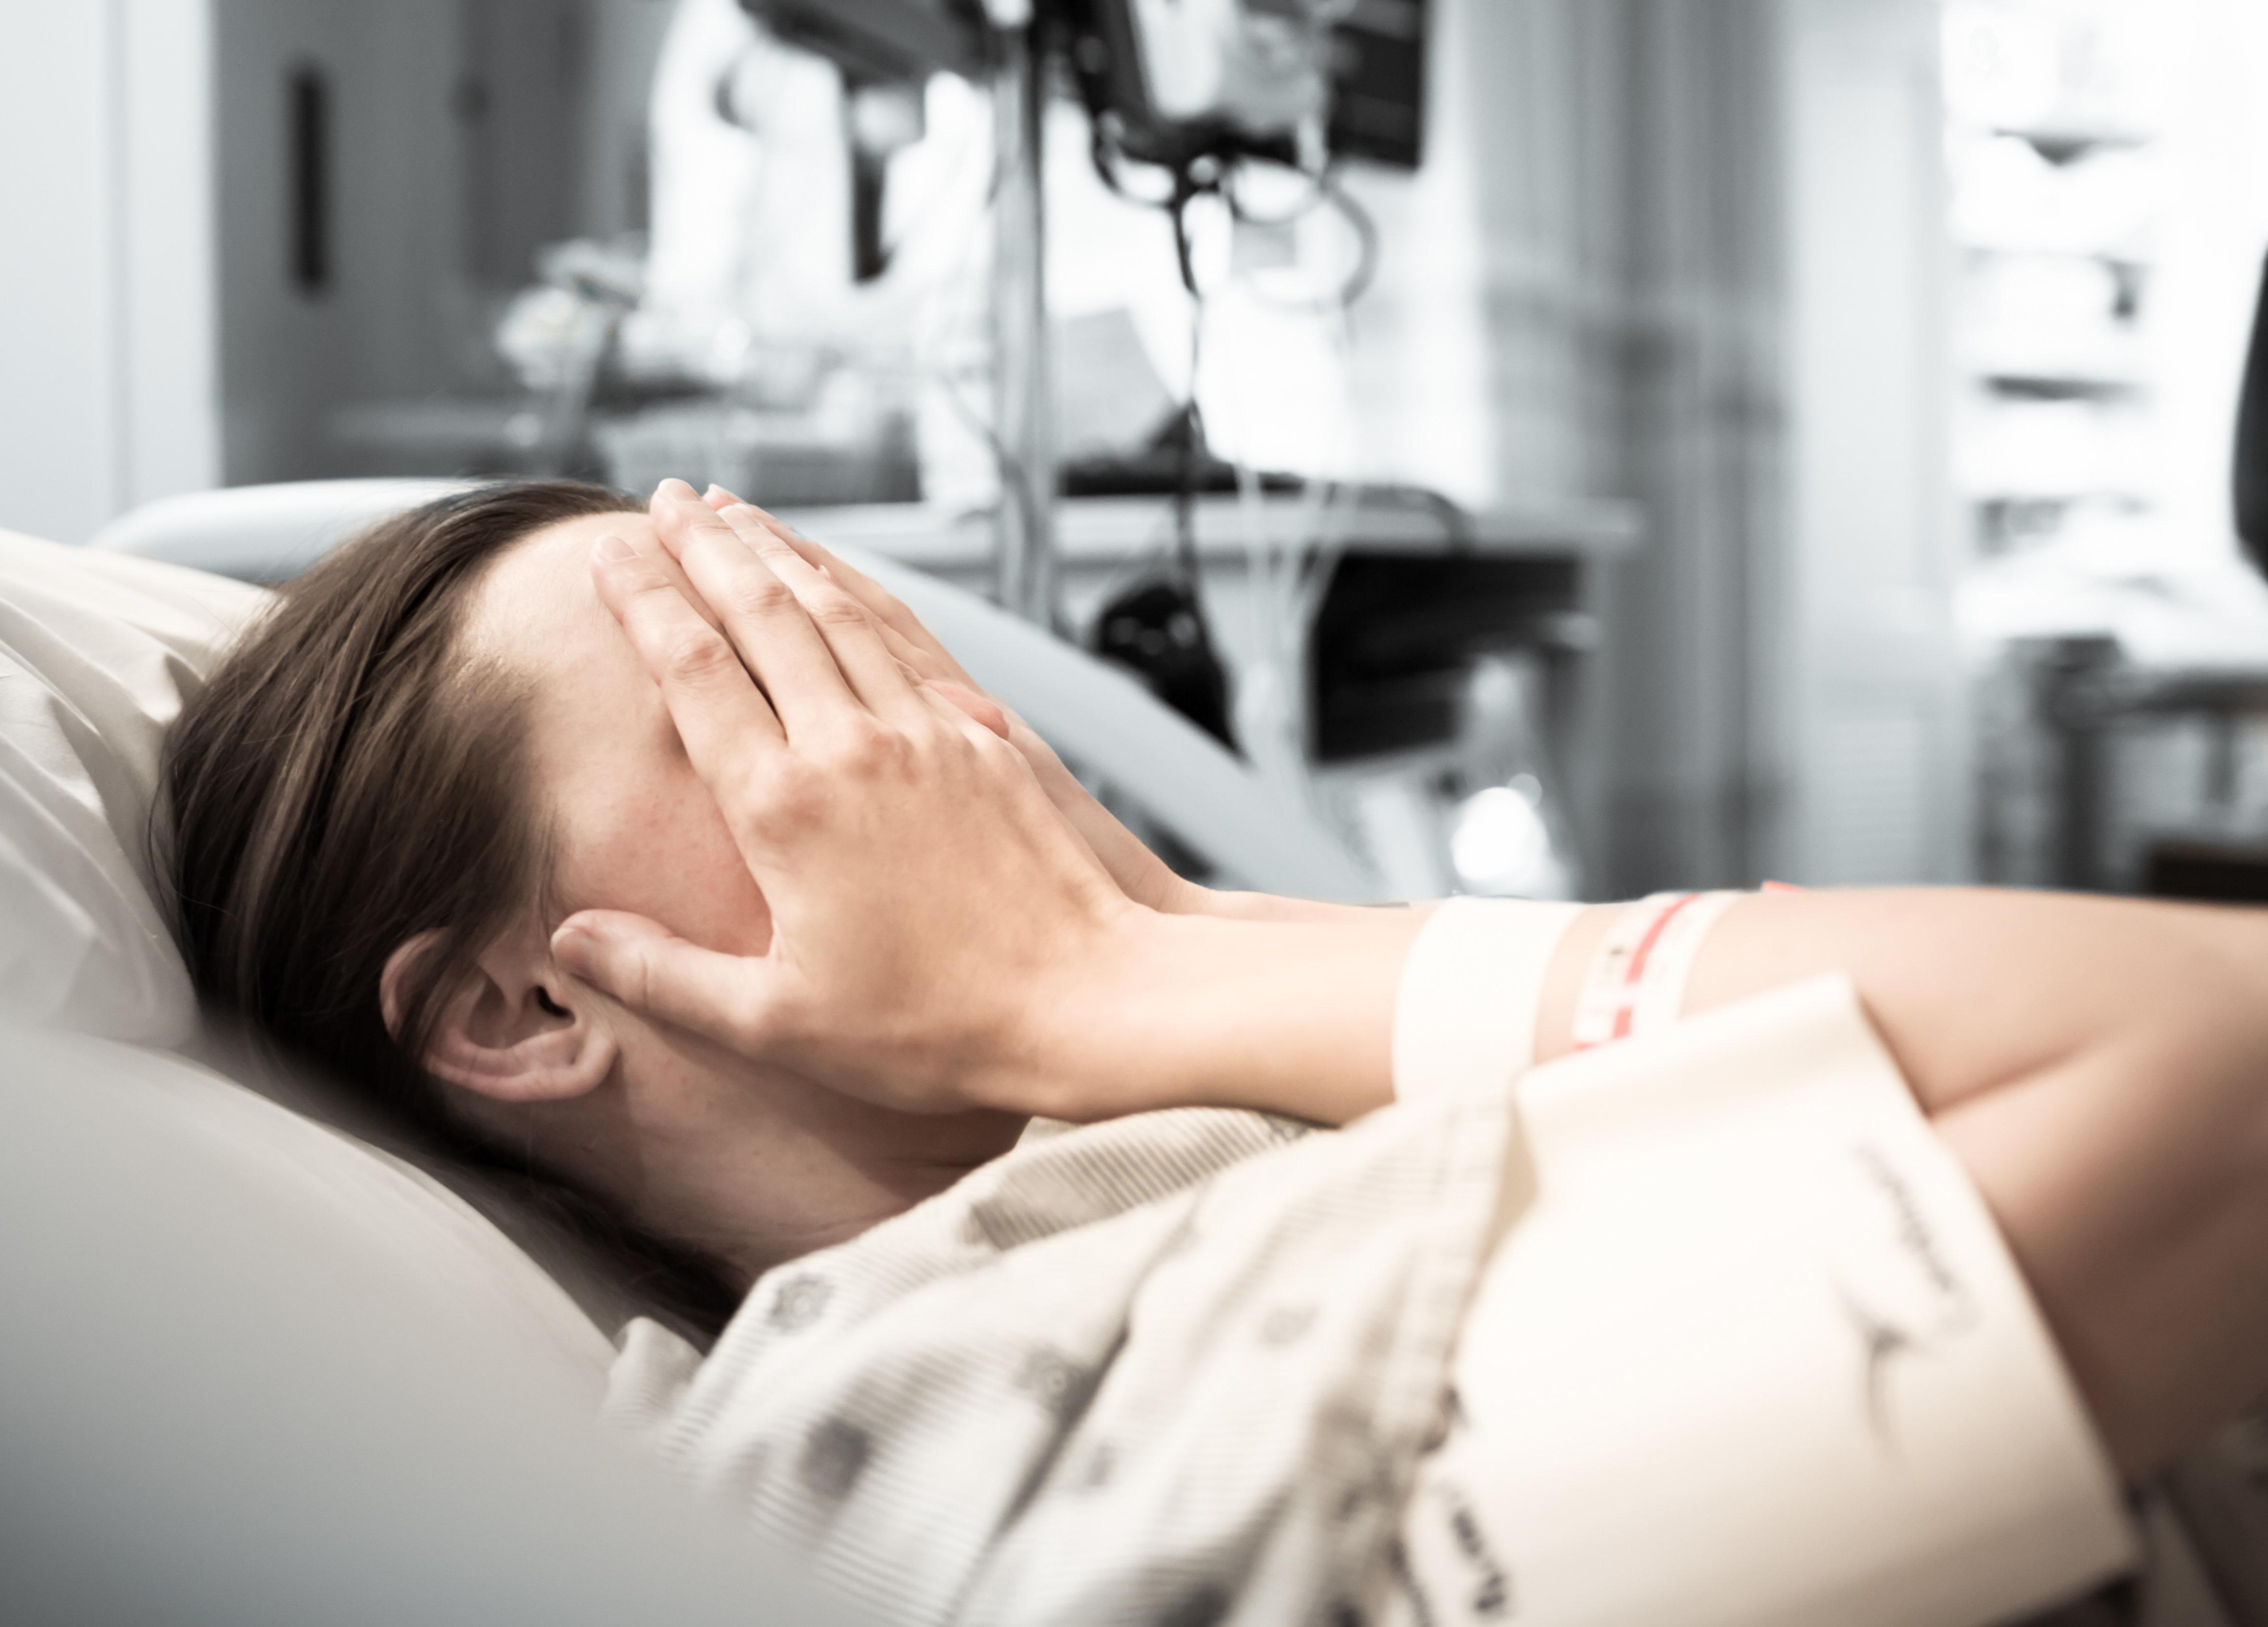 München: Forscher wollen Herpes mit Killer-T-Zellen